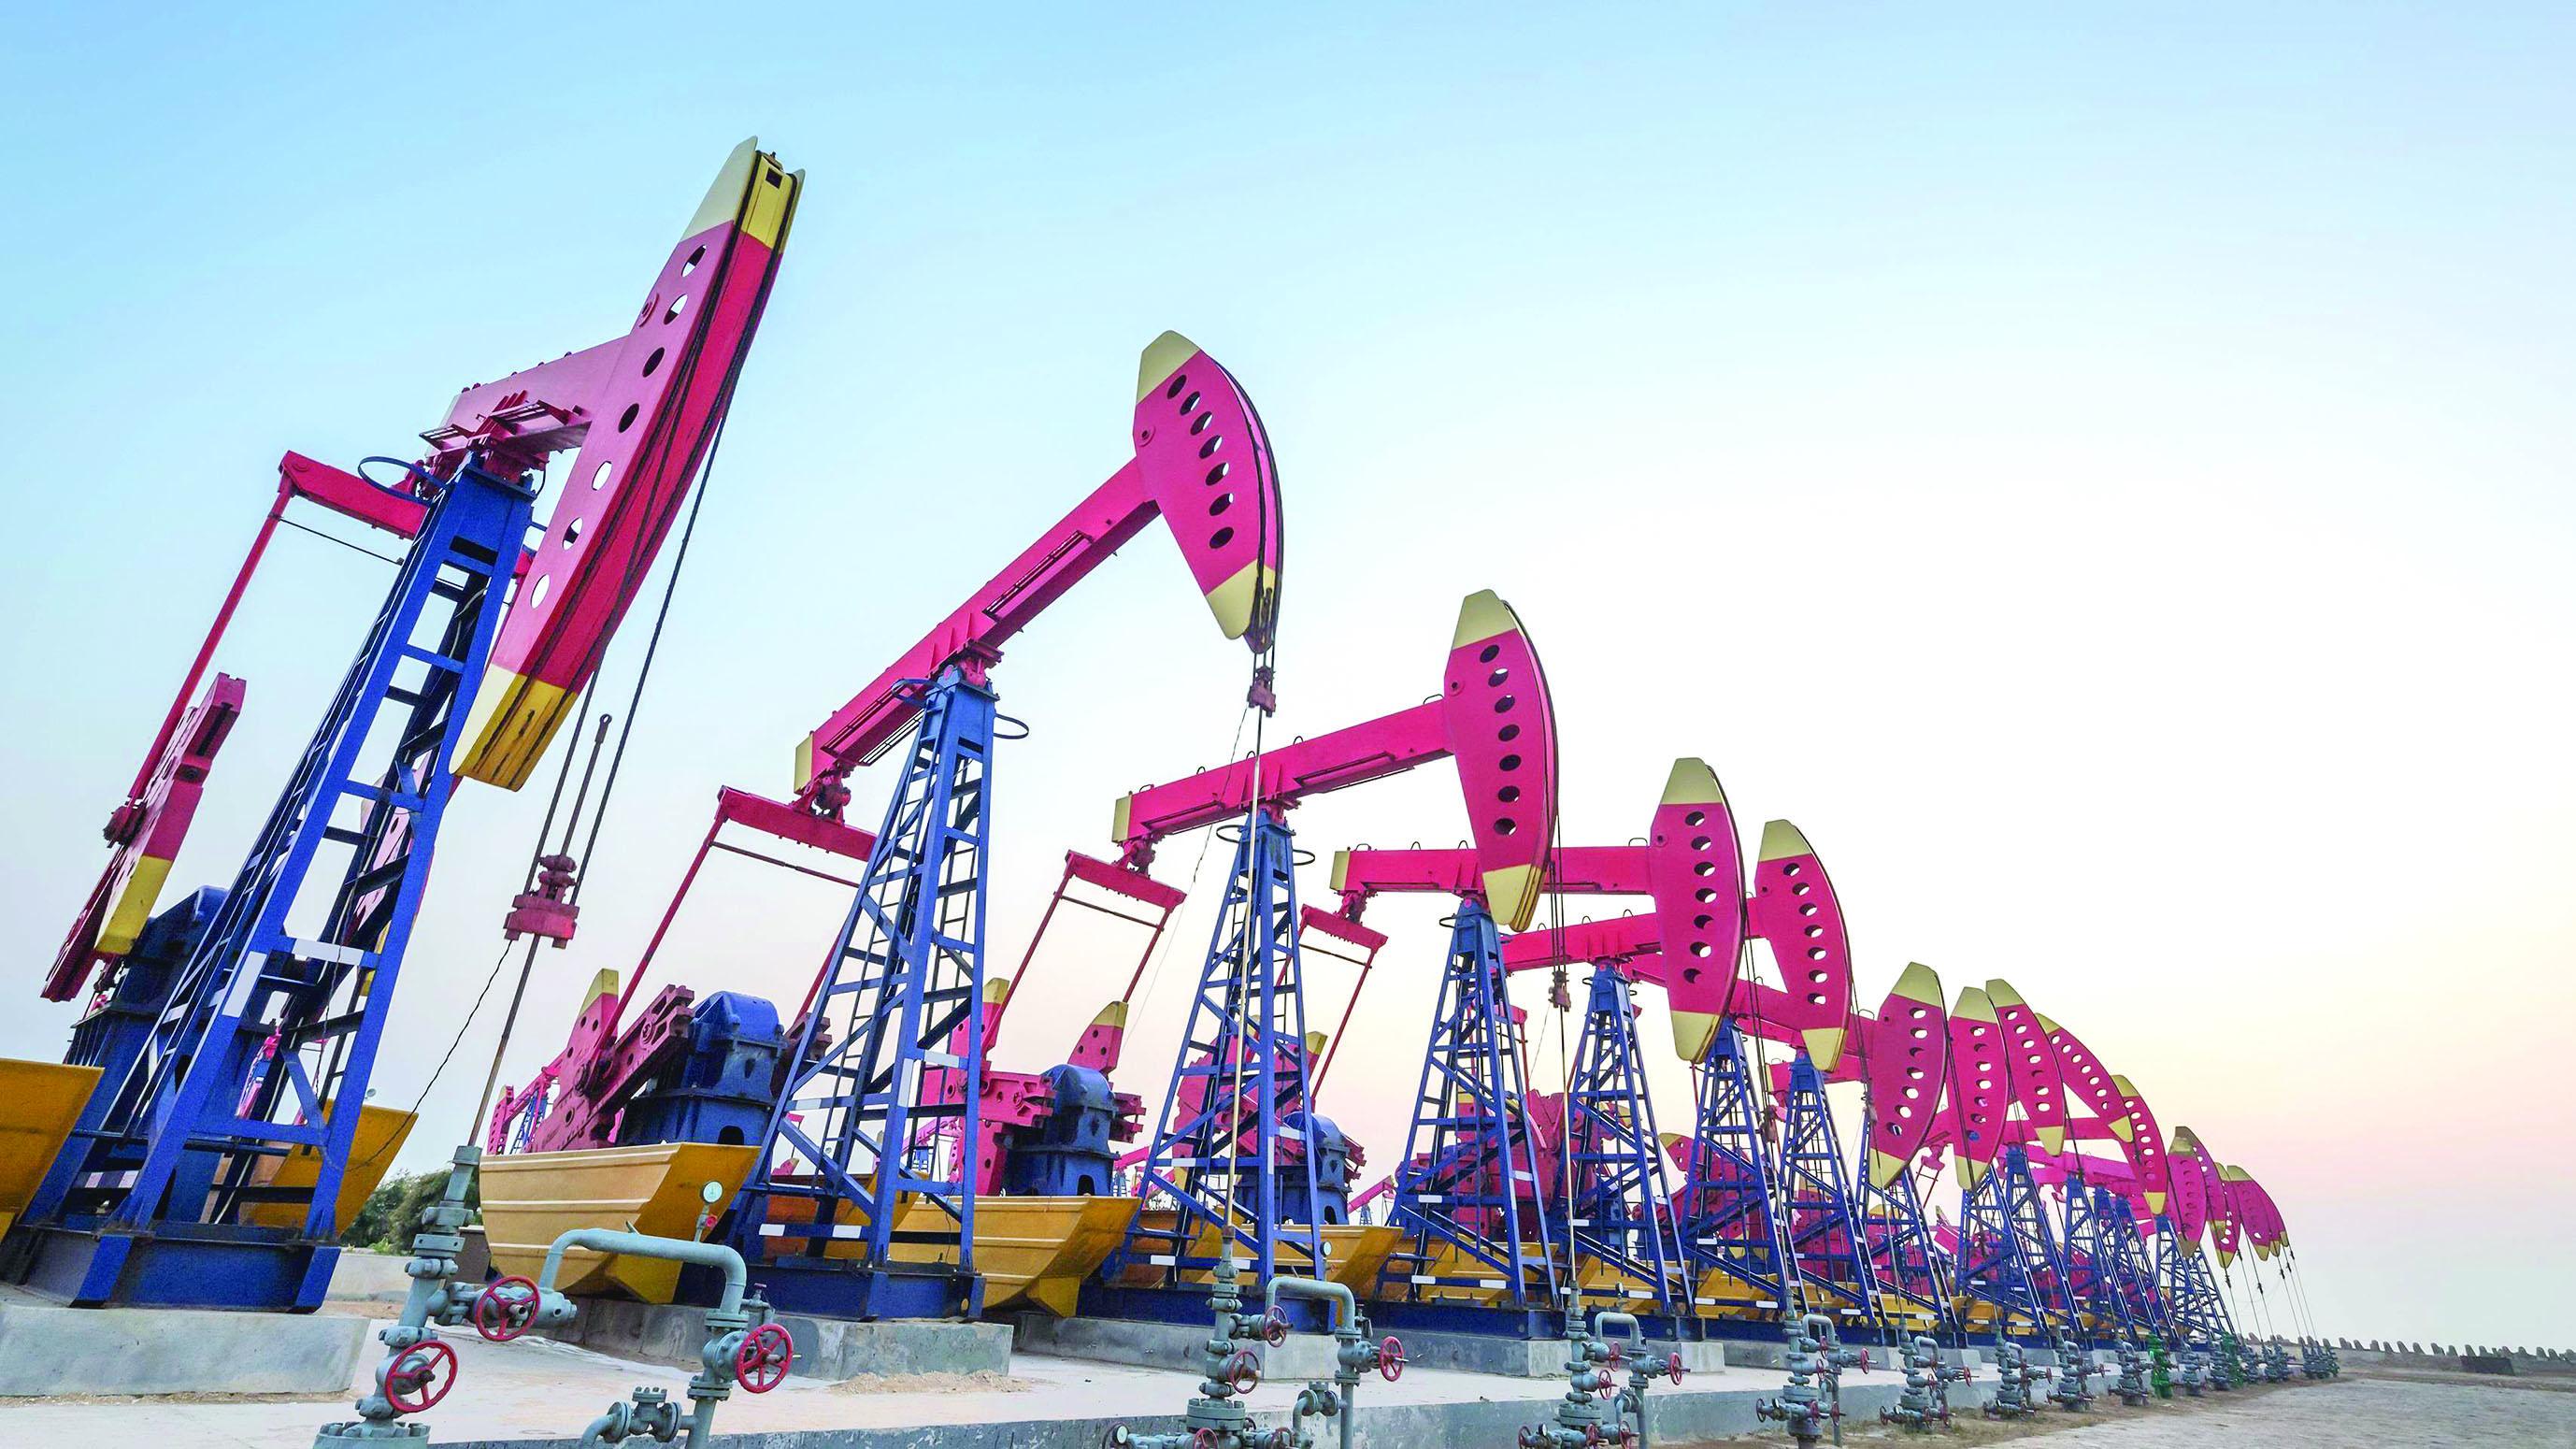 أكثر من 30 مليون برميل إنتاج السلطنة من النفط في أكتوبر